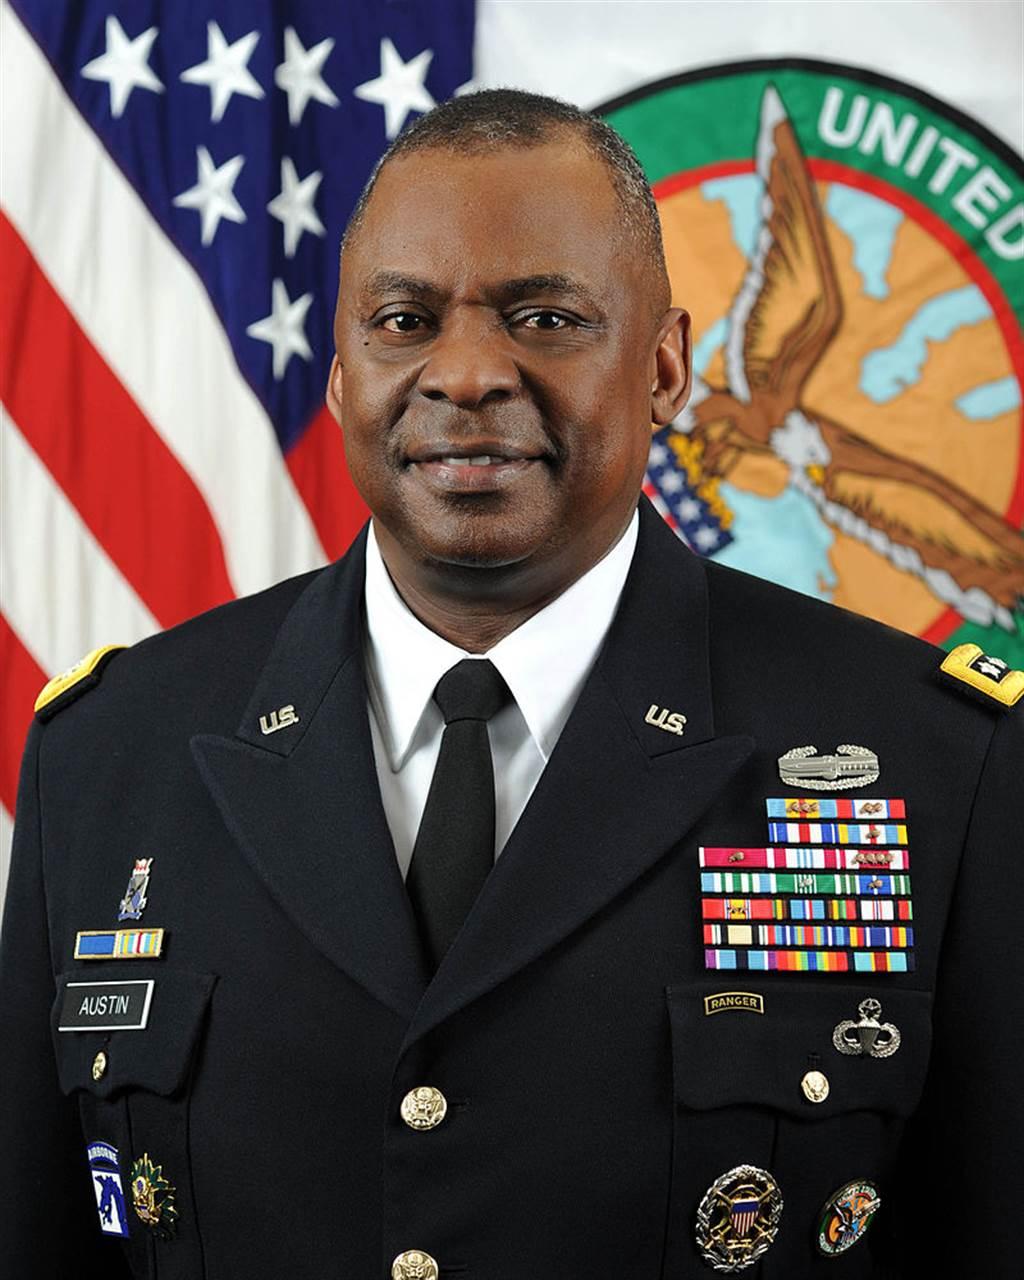 美國第12任中央司令部司令奧斯汀(美國中央司令部官網)